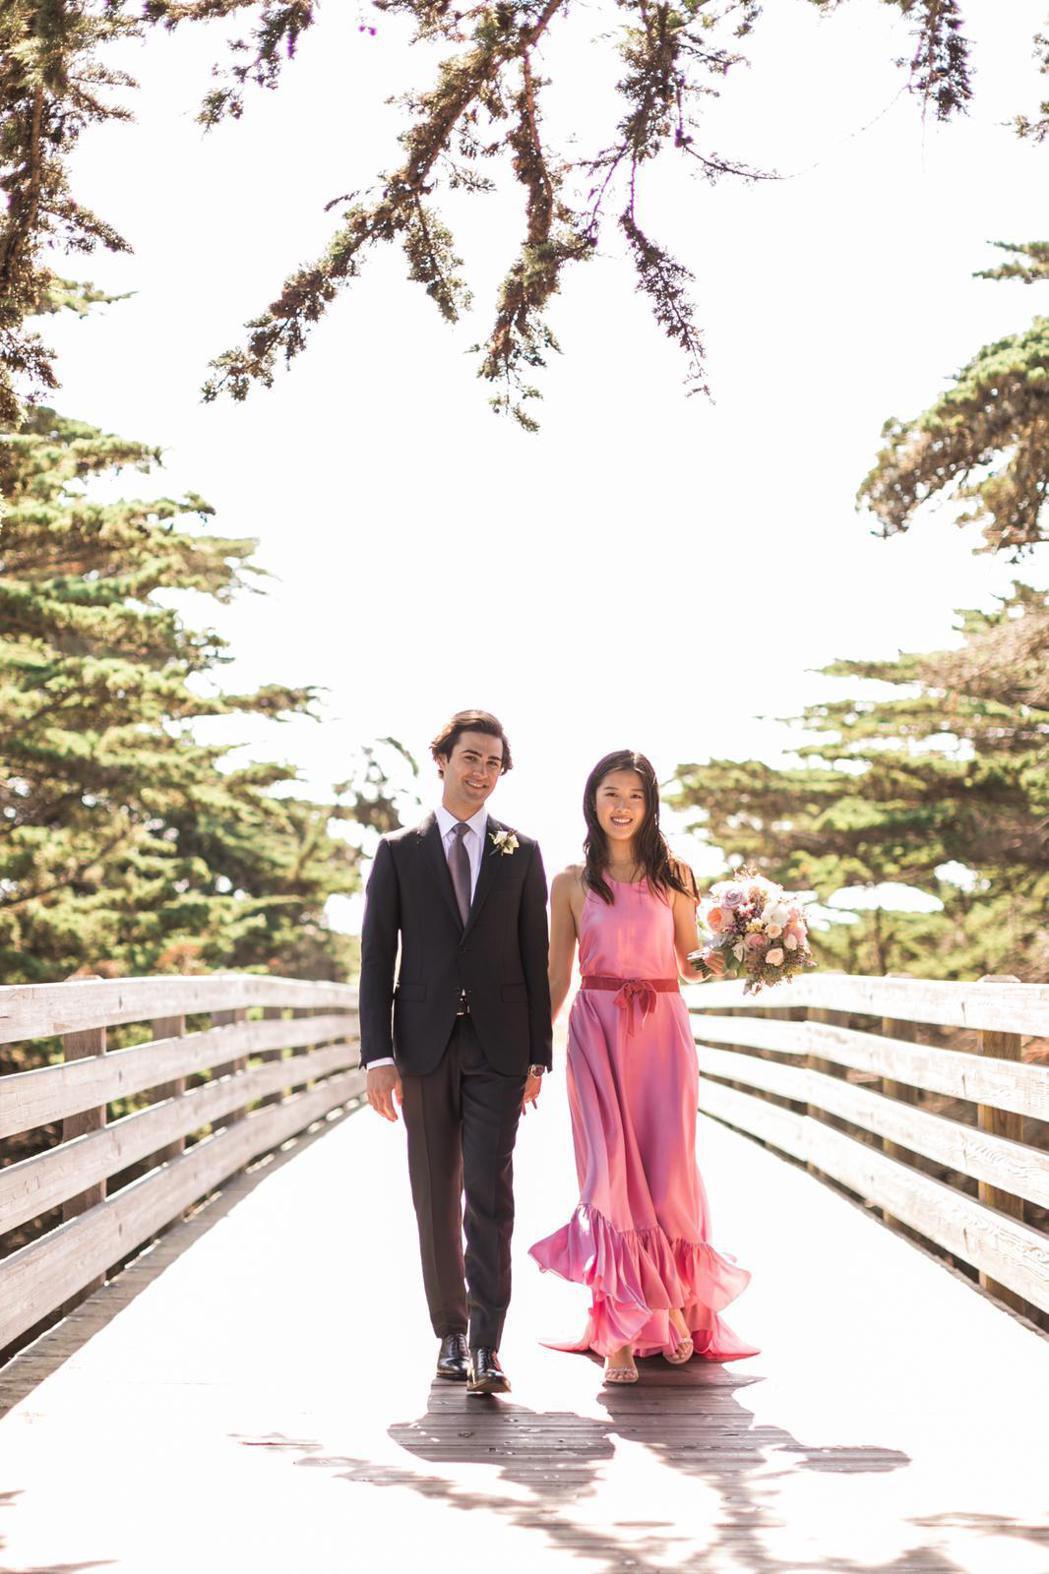 王羚現在已經嫁做人妻。圖/王偉忠提供